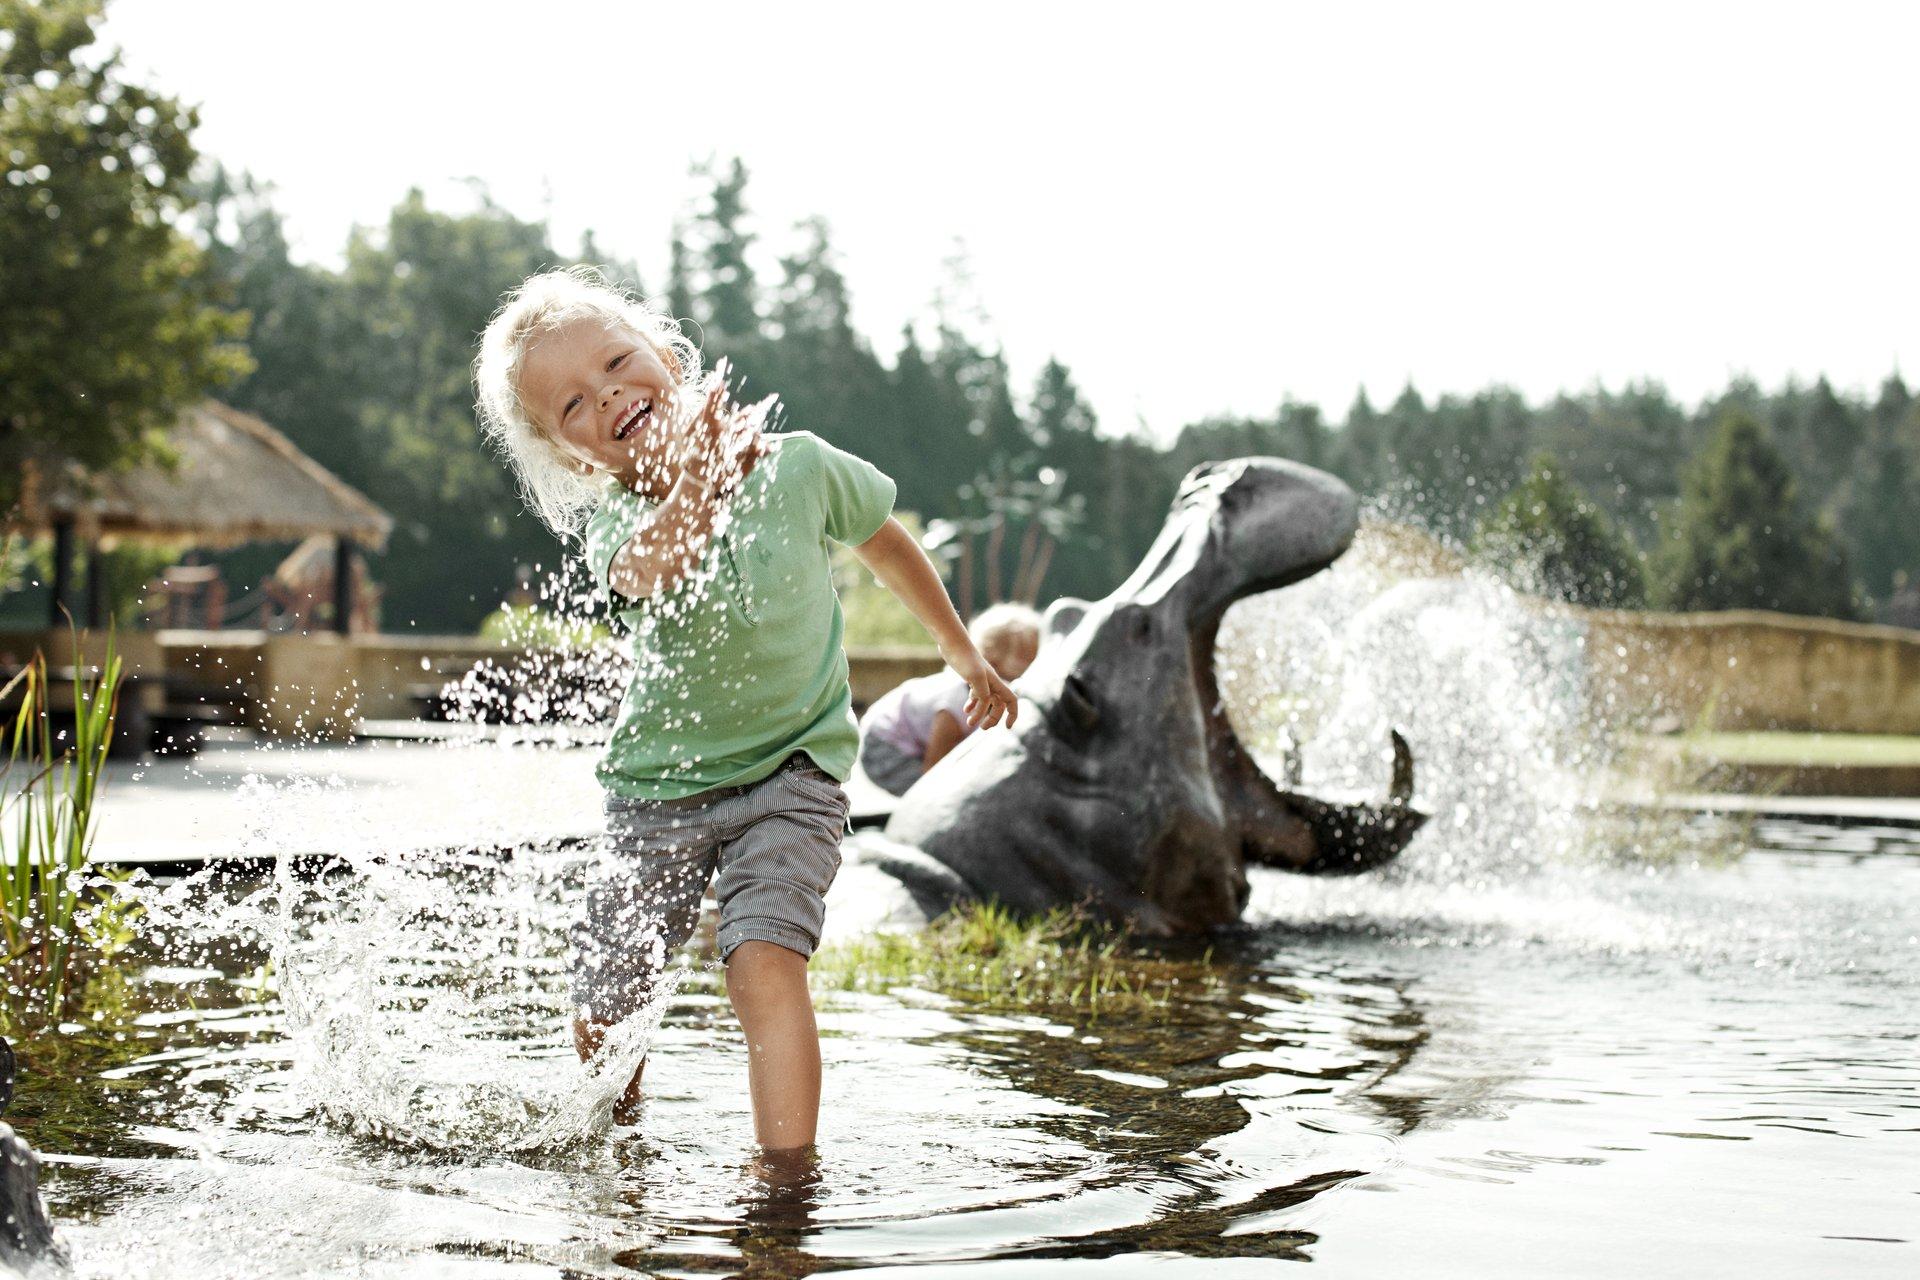 Nu kommer stor millionkampagne der skal få danskerne til at tage ud i Danmark og holde sommerferie. For eksempel til Knuthenborg Safaripark, her er det naturlegepladsen Limpoland. Foto for VisitDenmark, Niclas Jessen.